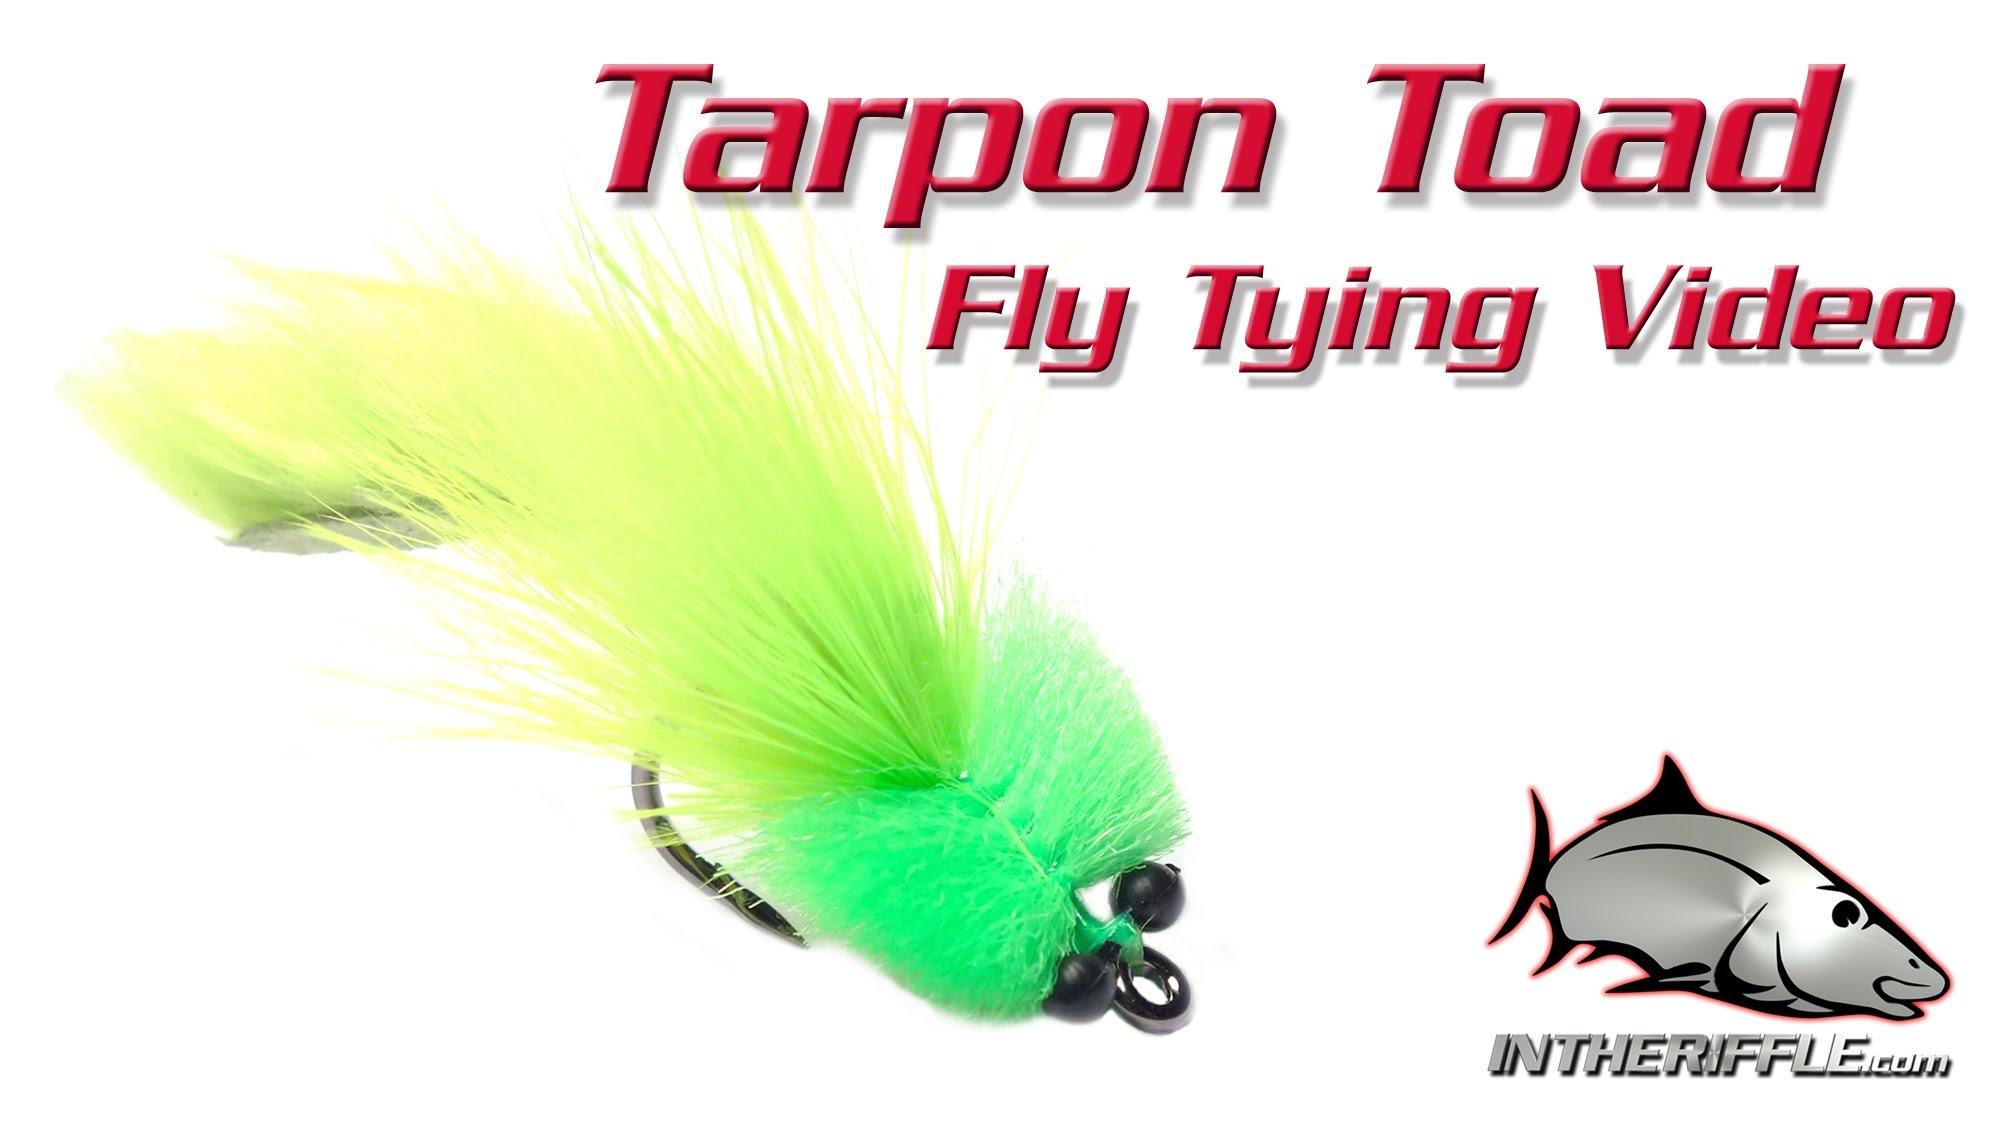 Tarpon toad - Intheriffle.com